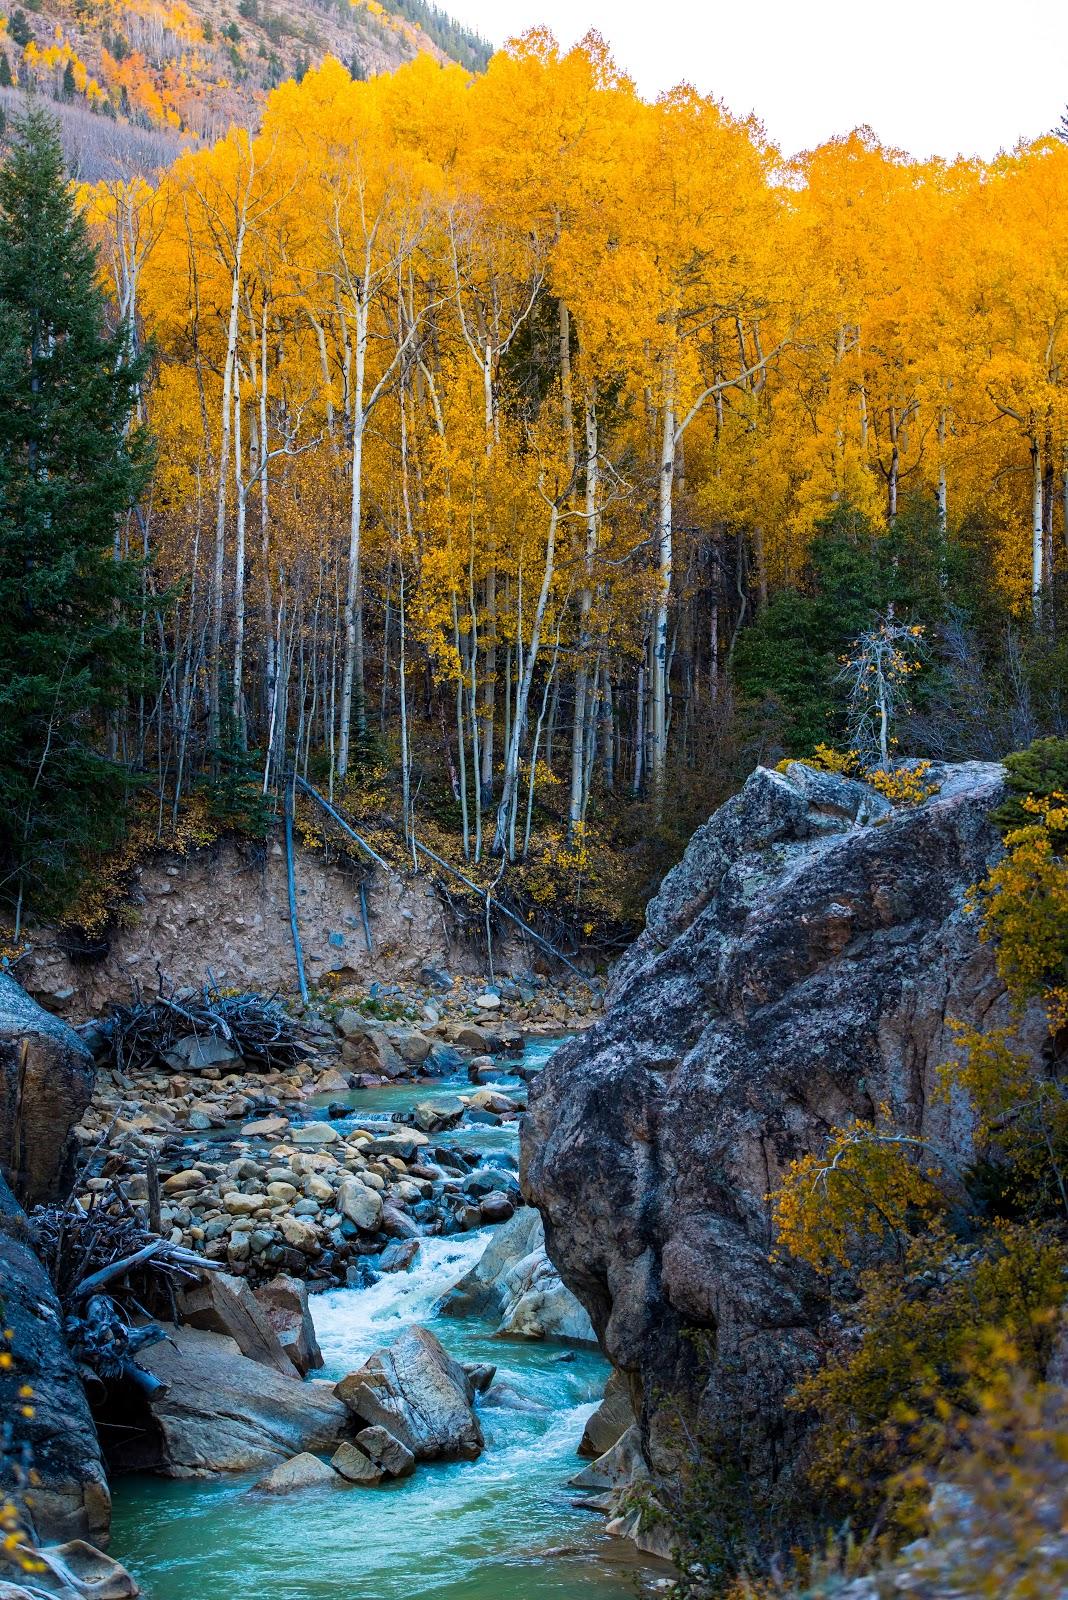 Jakie Kolory nosić jesienią? Żółte liście na górskich brzozach nad strumieniem